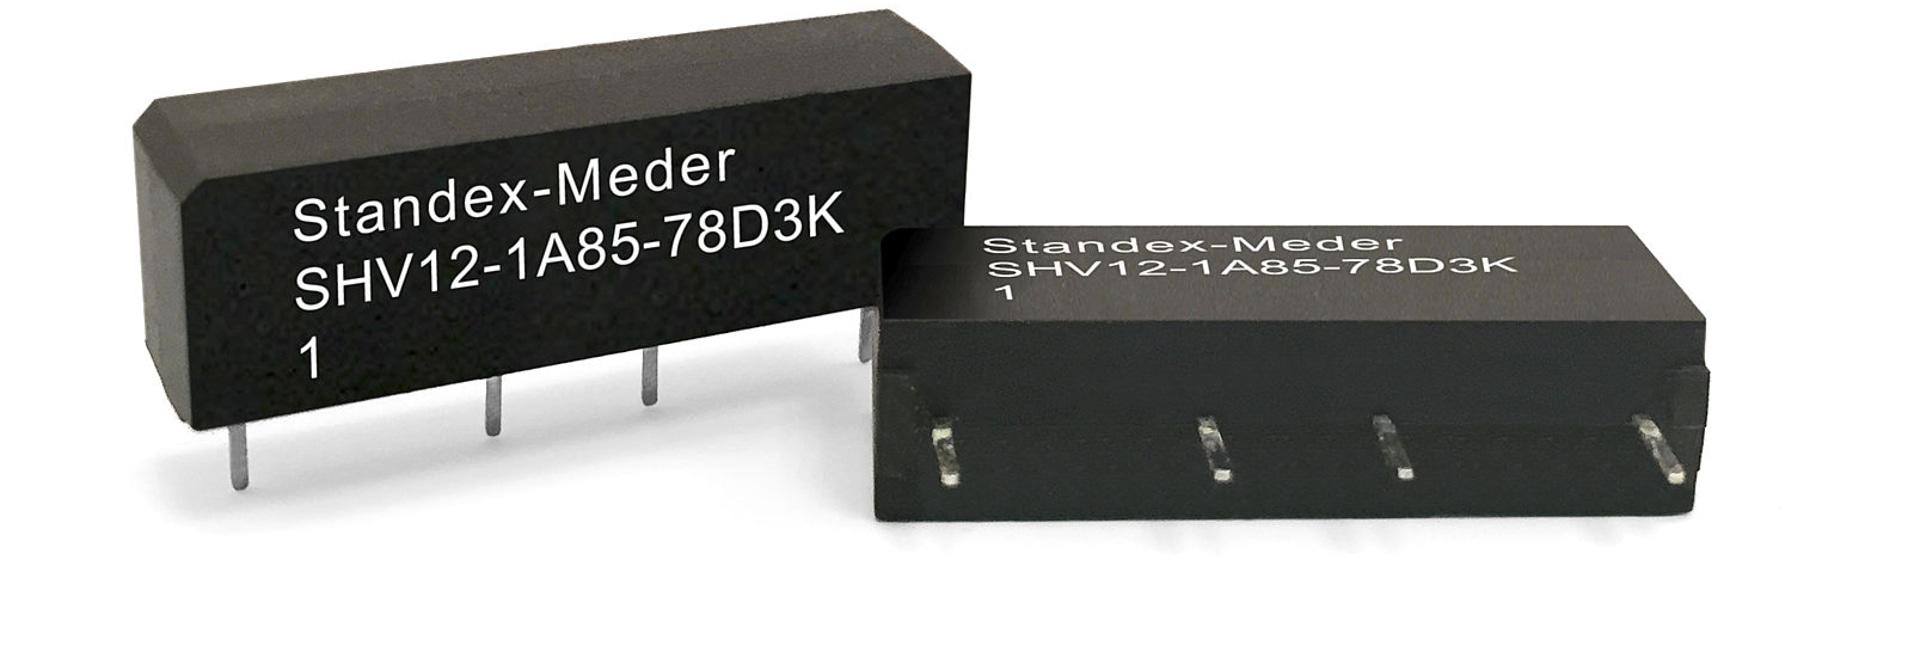 Standex-Meder vous présente les Relais SHV